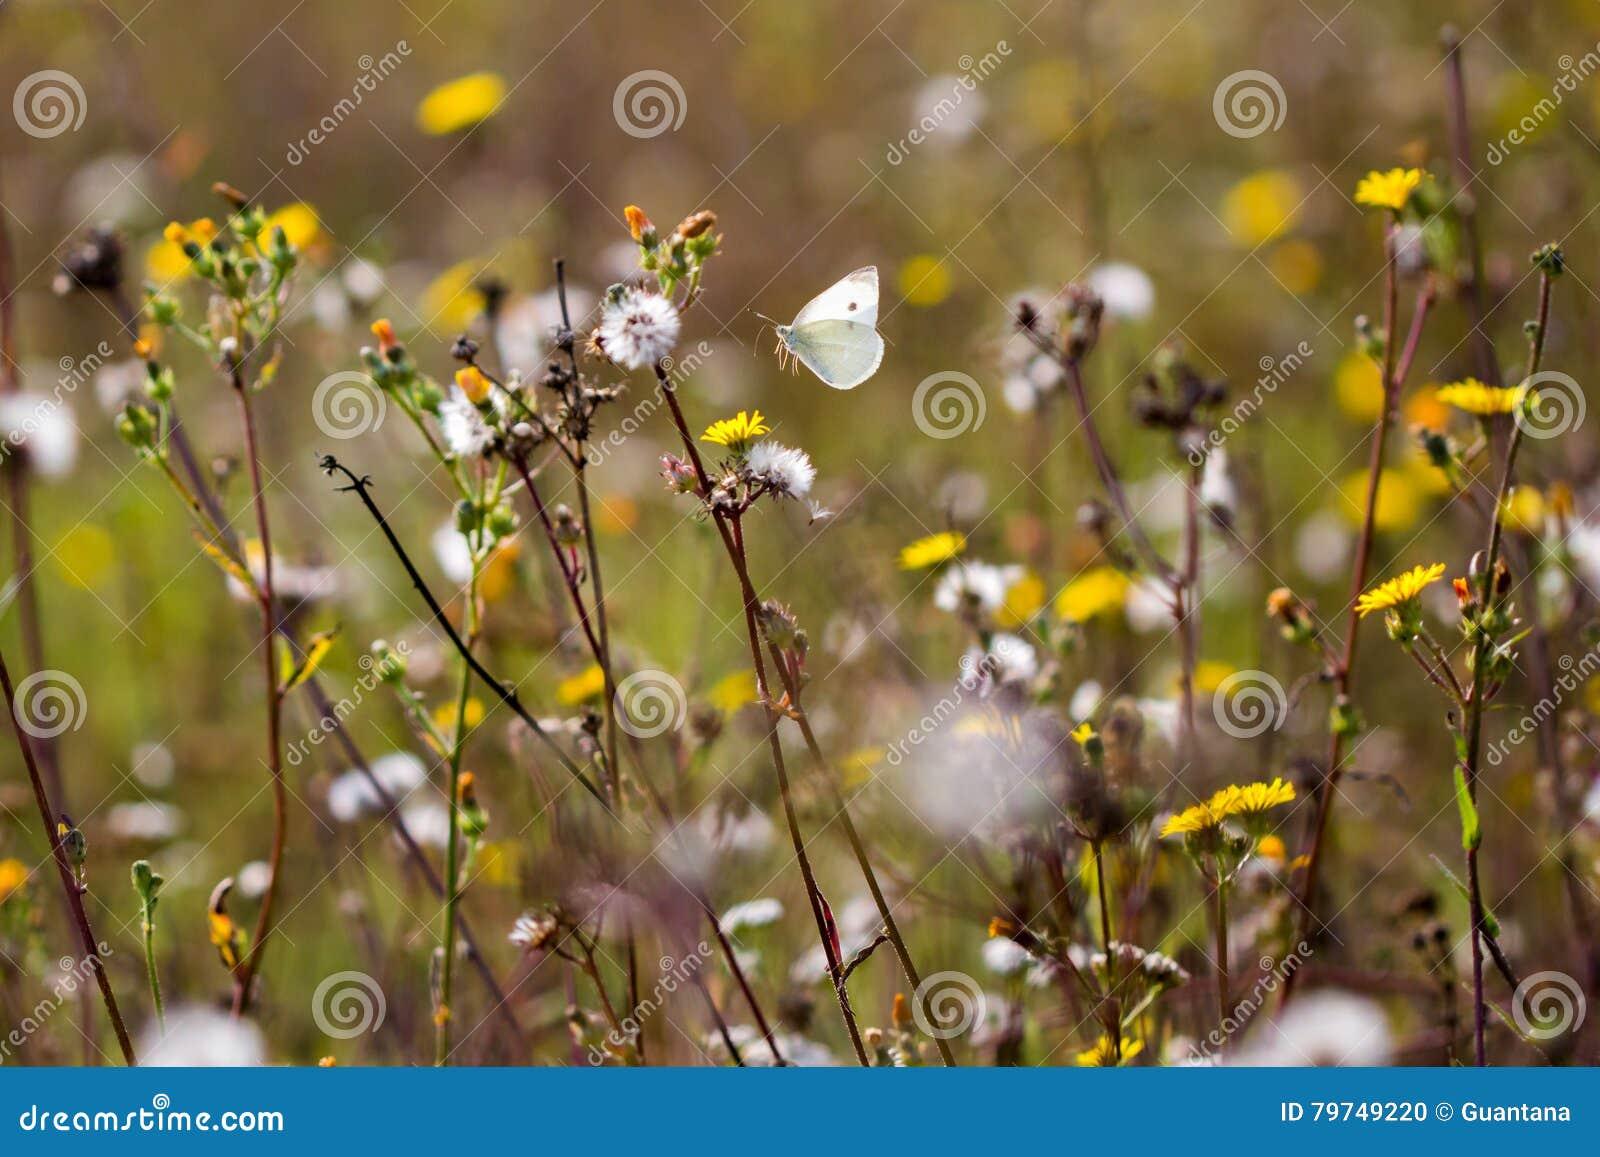 Mariposa del vuelo en un prado